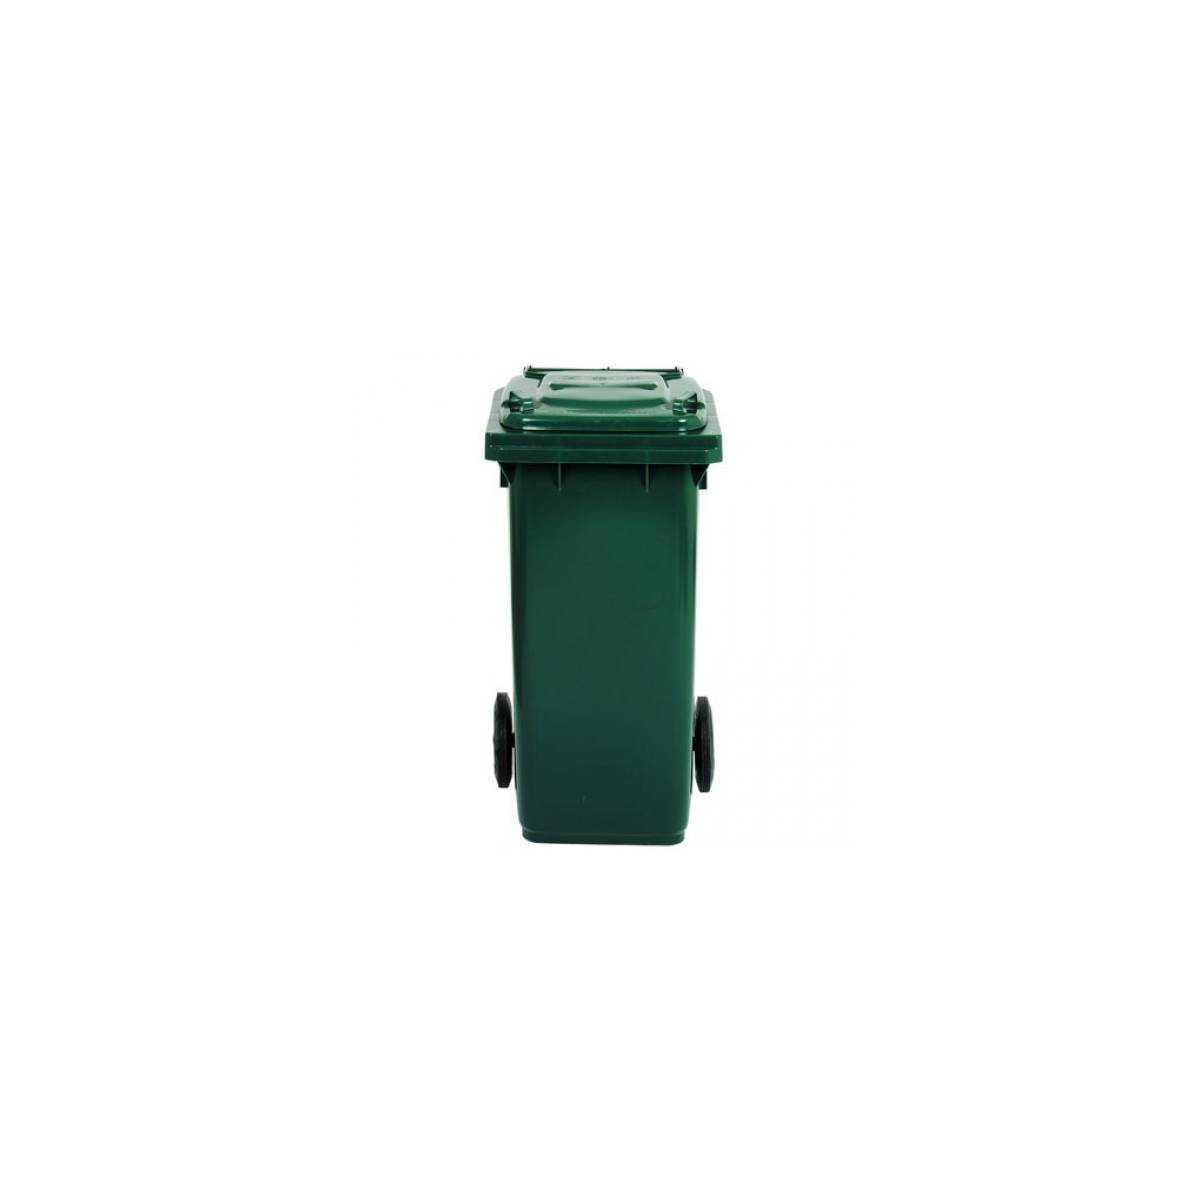 Контейнер для мусора 120л (J0120 GNGN) (Зеленого цвета) J0120 GNGN Mar Plast